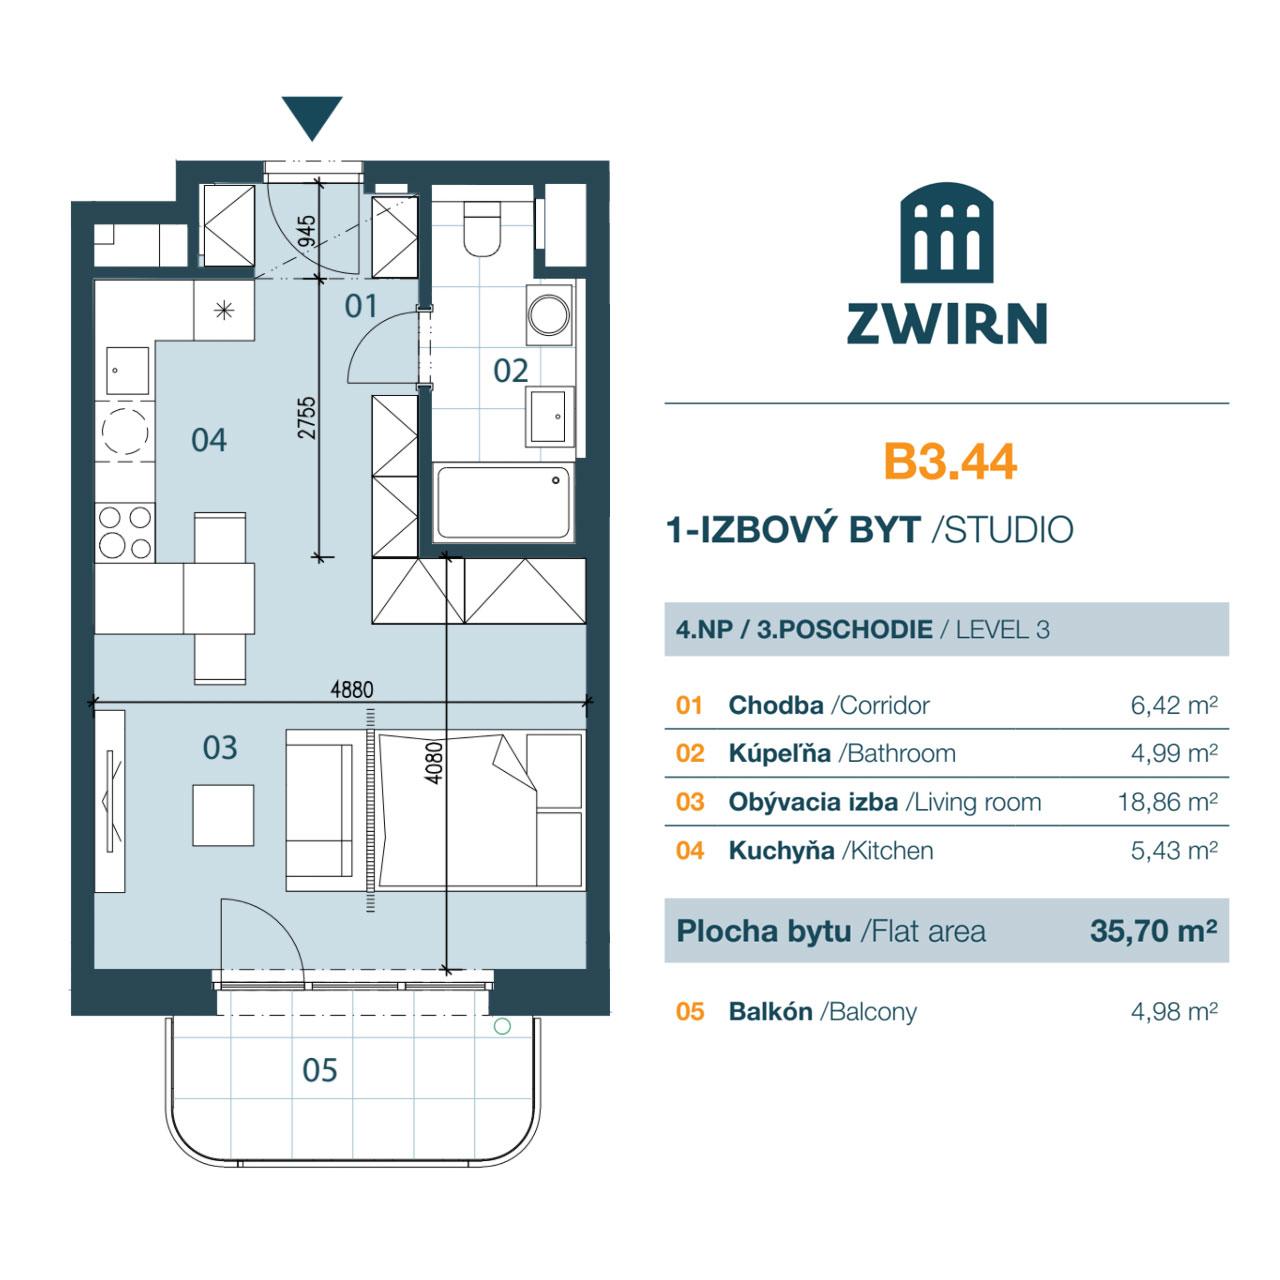 Zwirn 1 izbovy byt